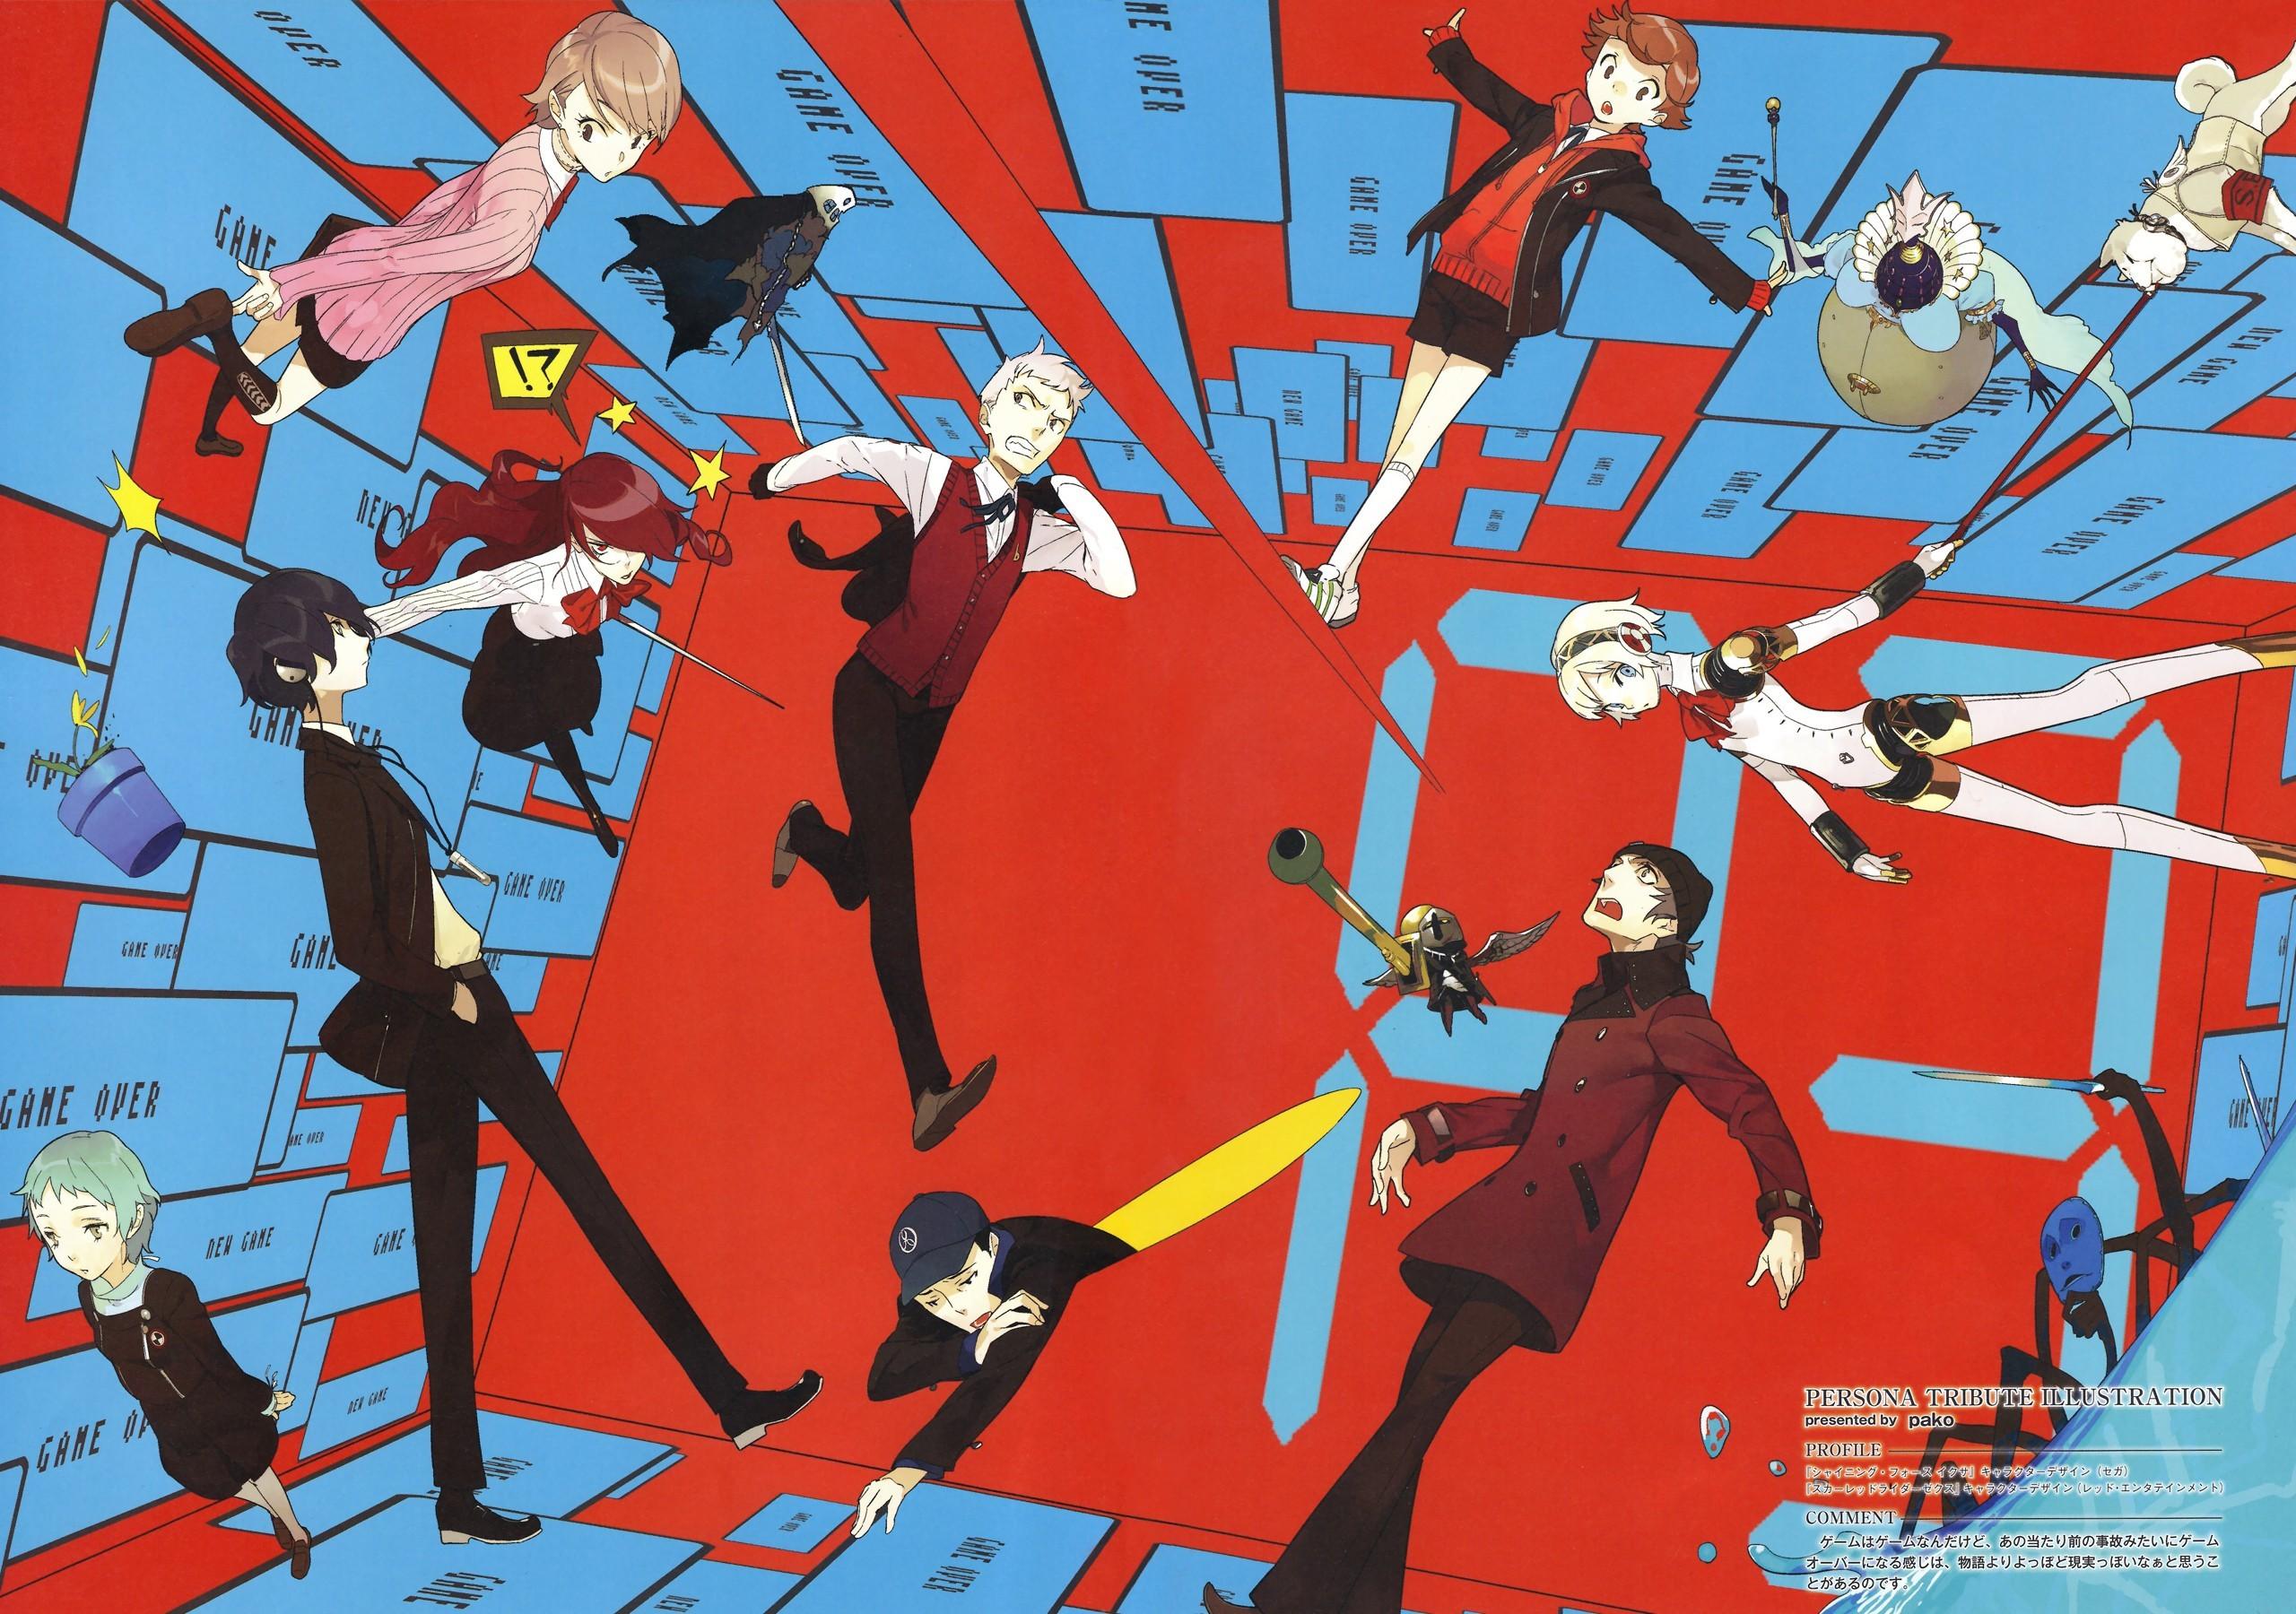 デスクトップ壁紙 図 アニメ 漫画 スーパーヒーロー ペルソナ3